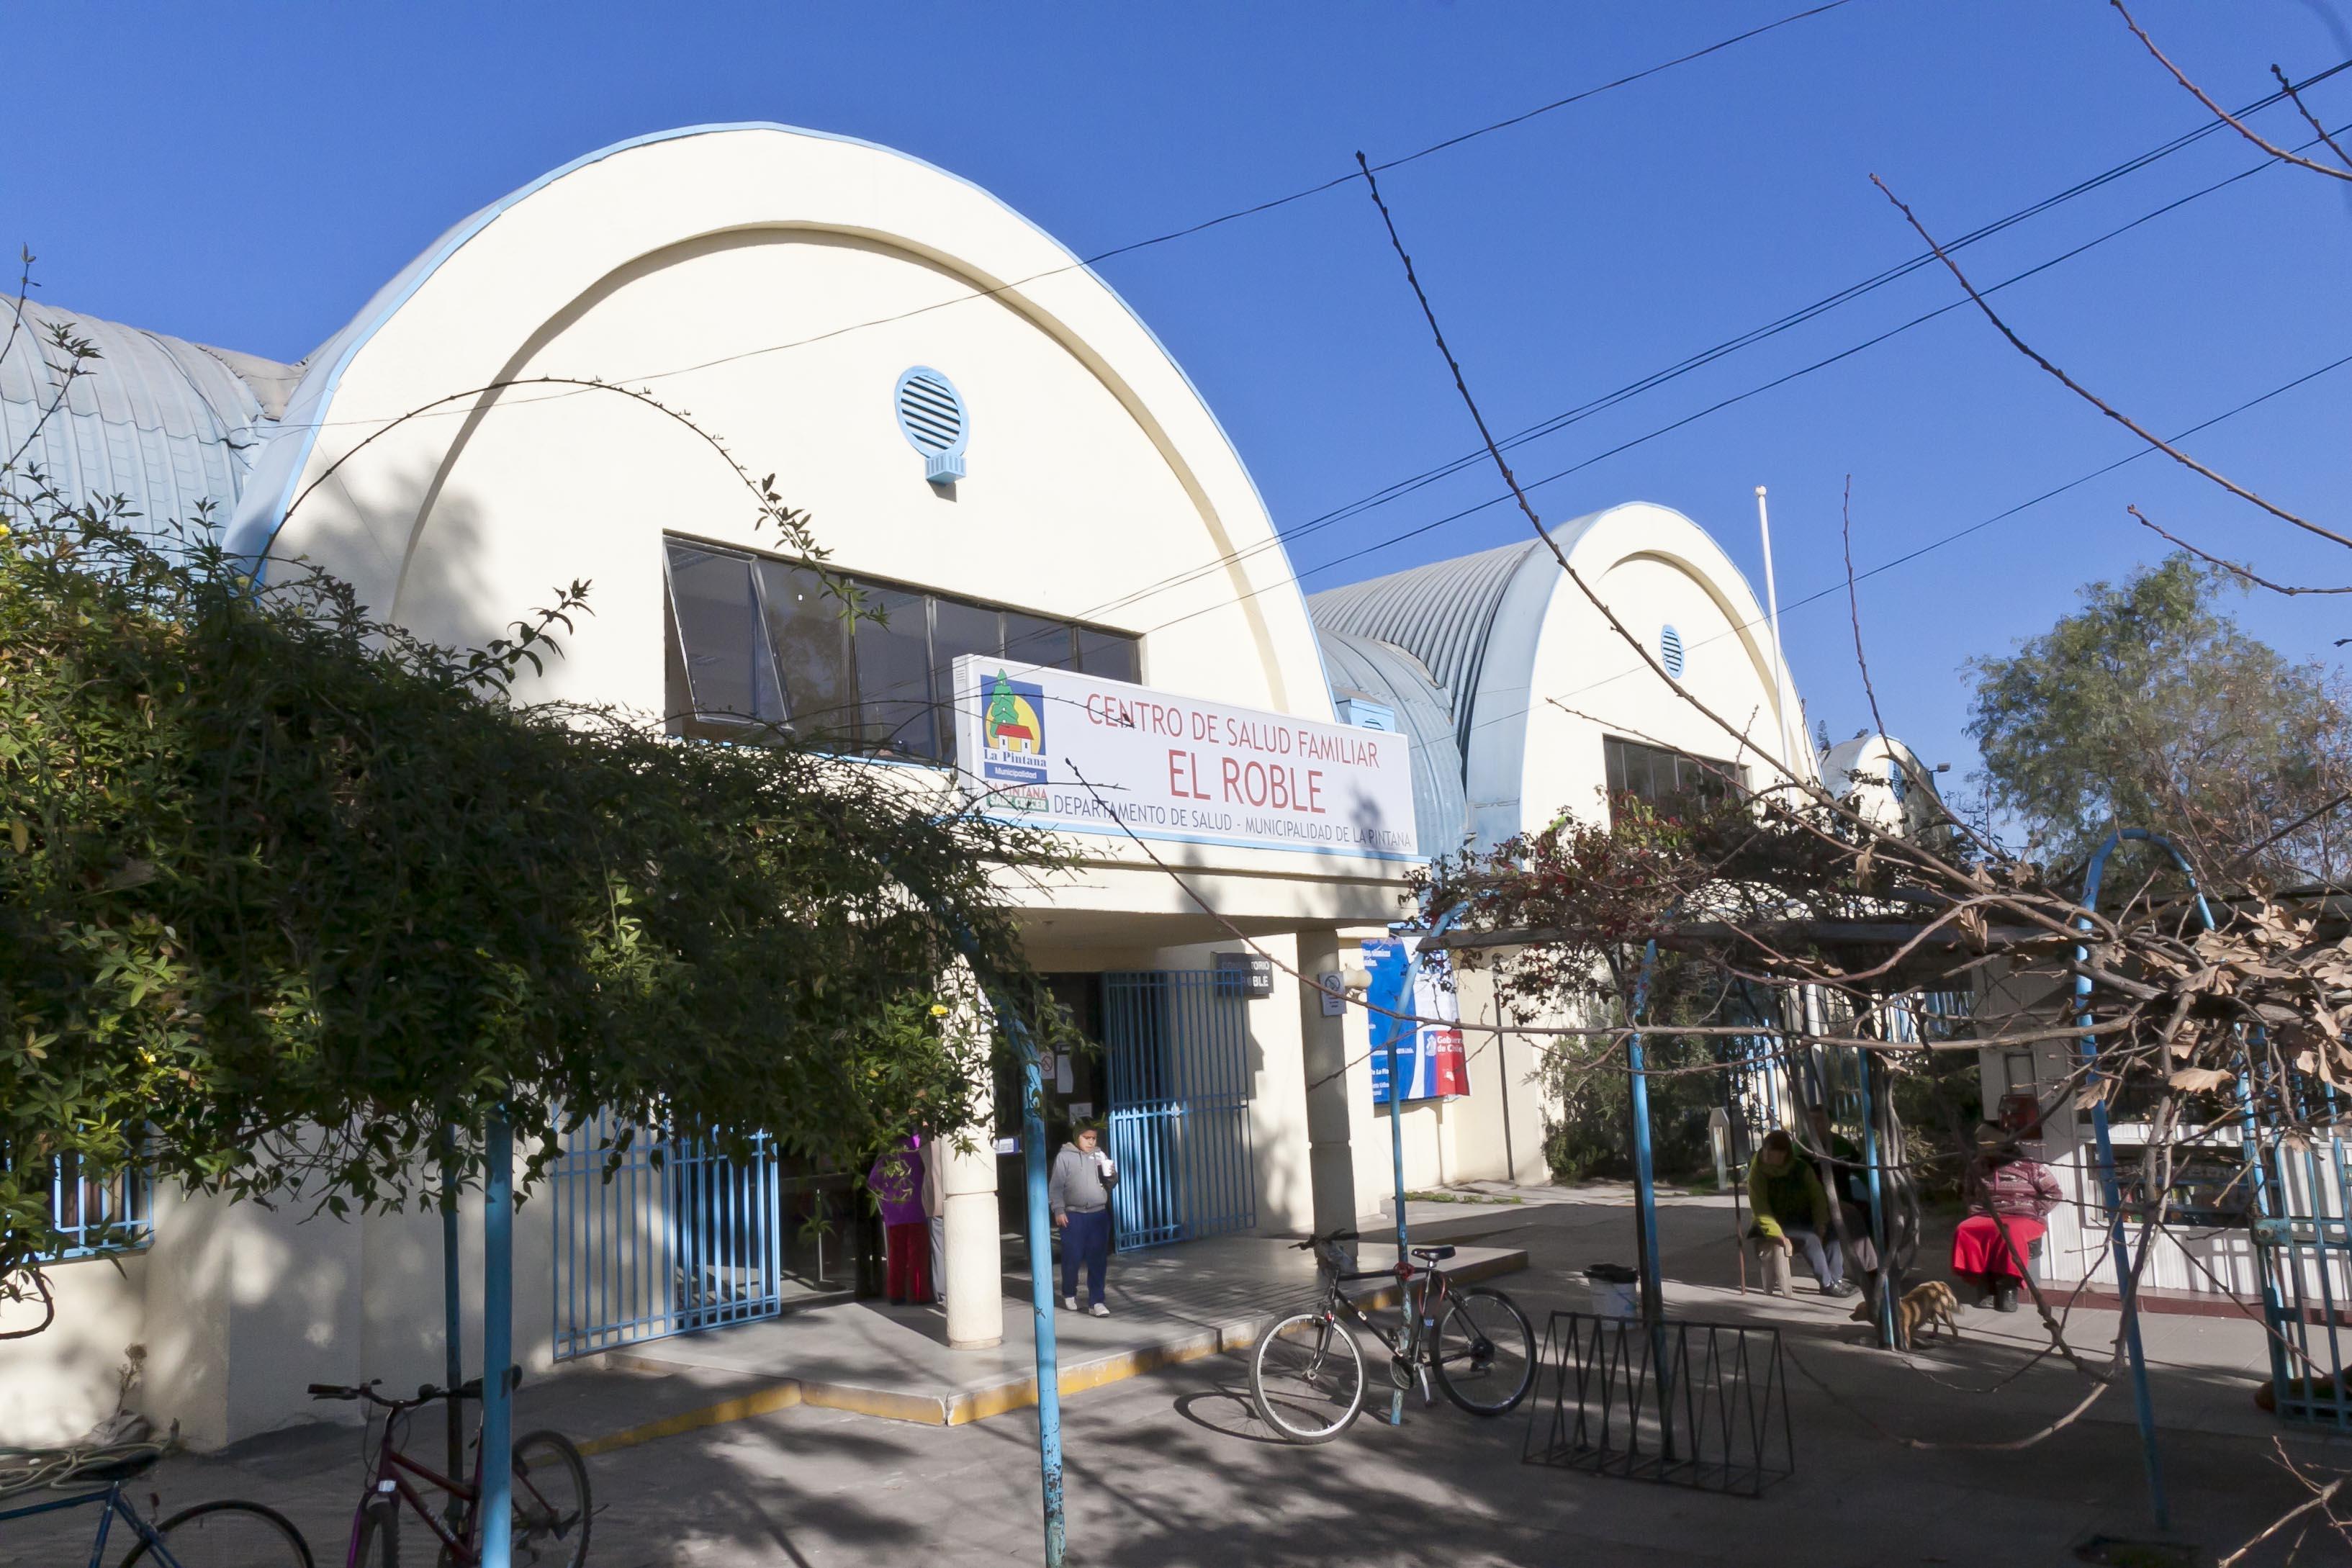 Consultorio El Roble